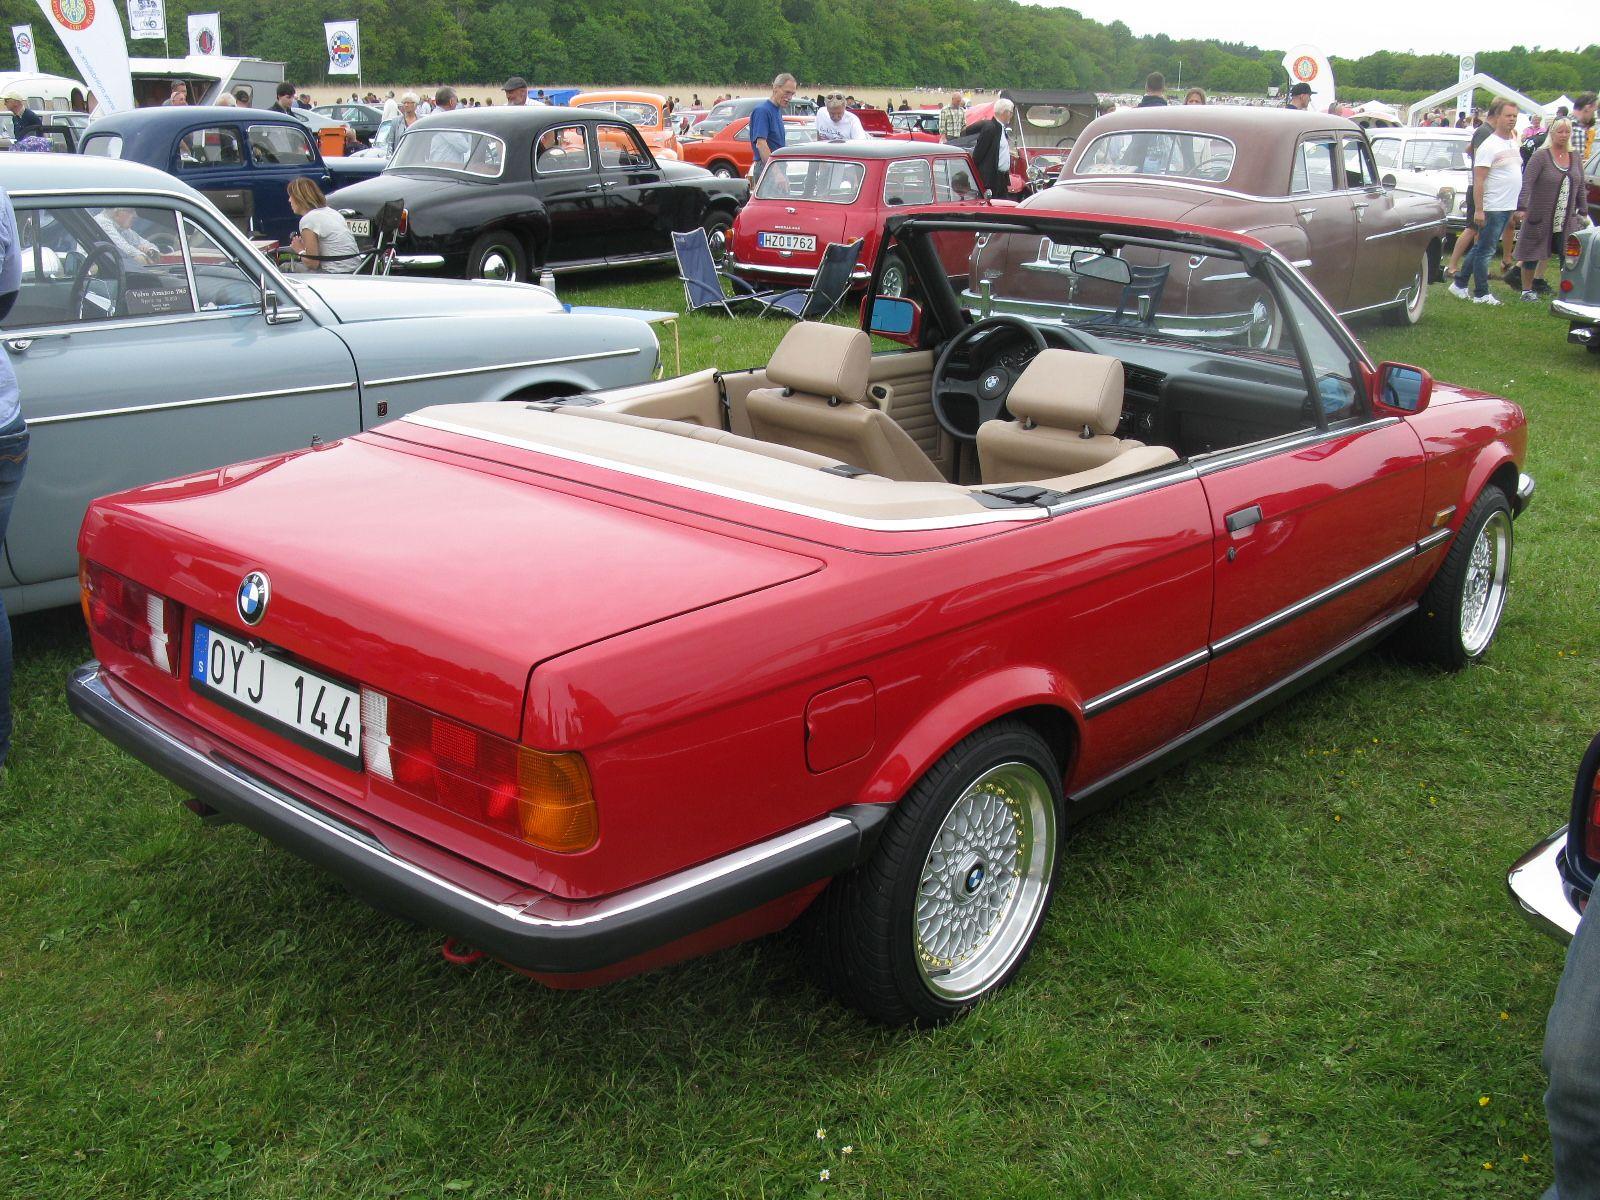 Bmw 325i Cabriolet E30 With Images Bmw E30 Cabrio Bmw E30